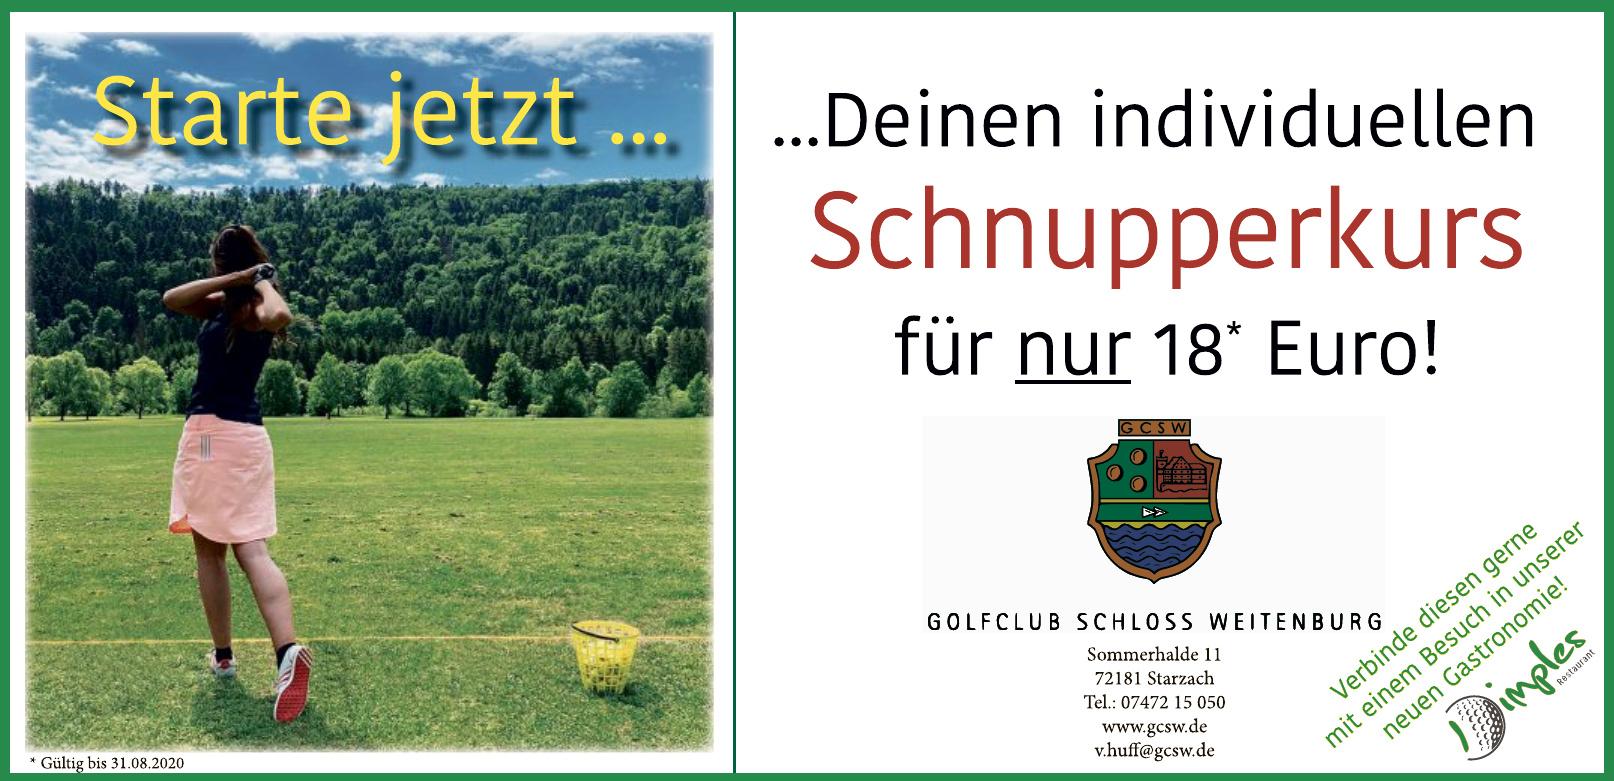 Golfclub Schloss Weitenburg